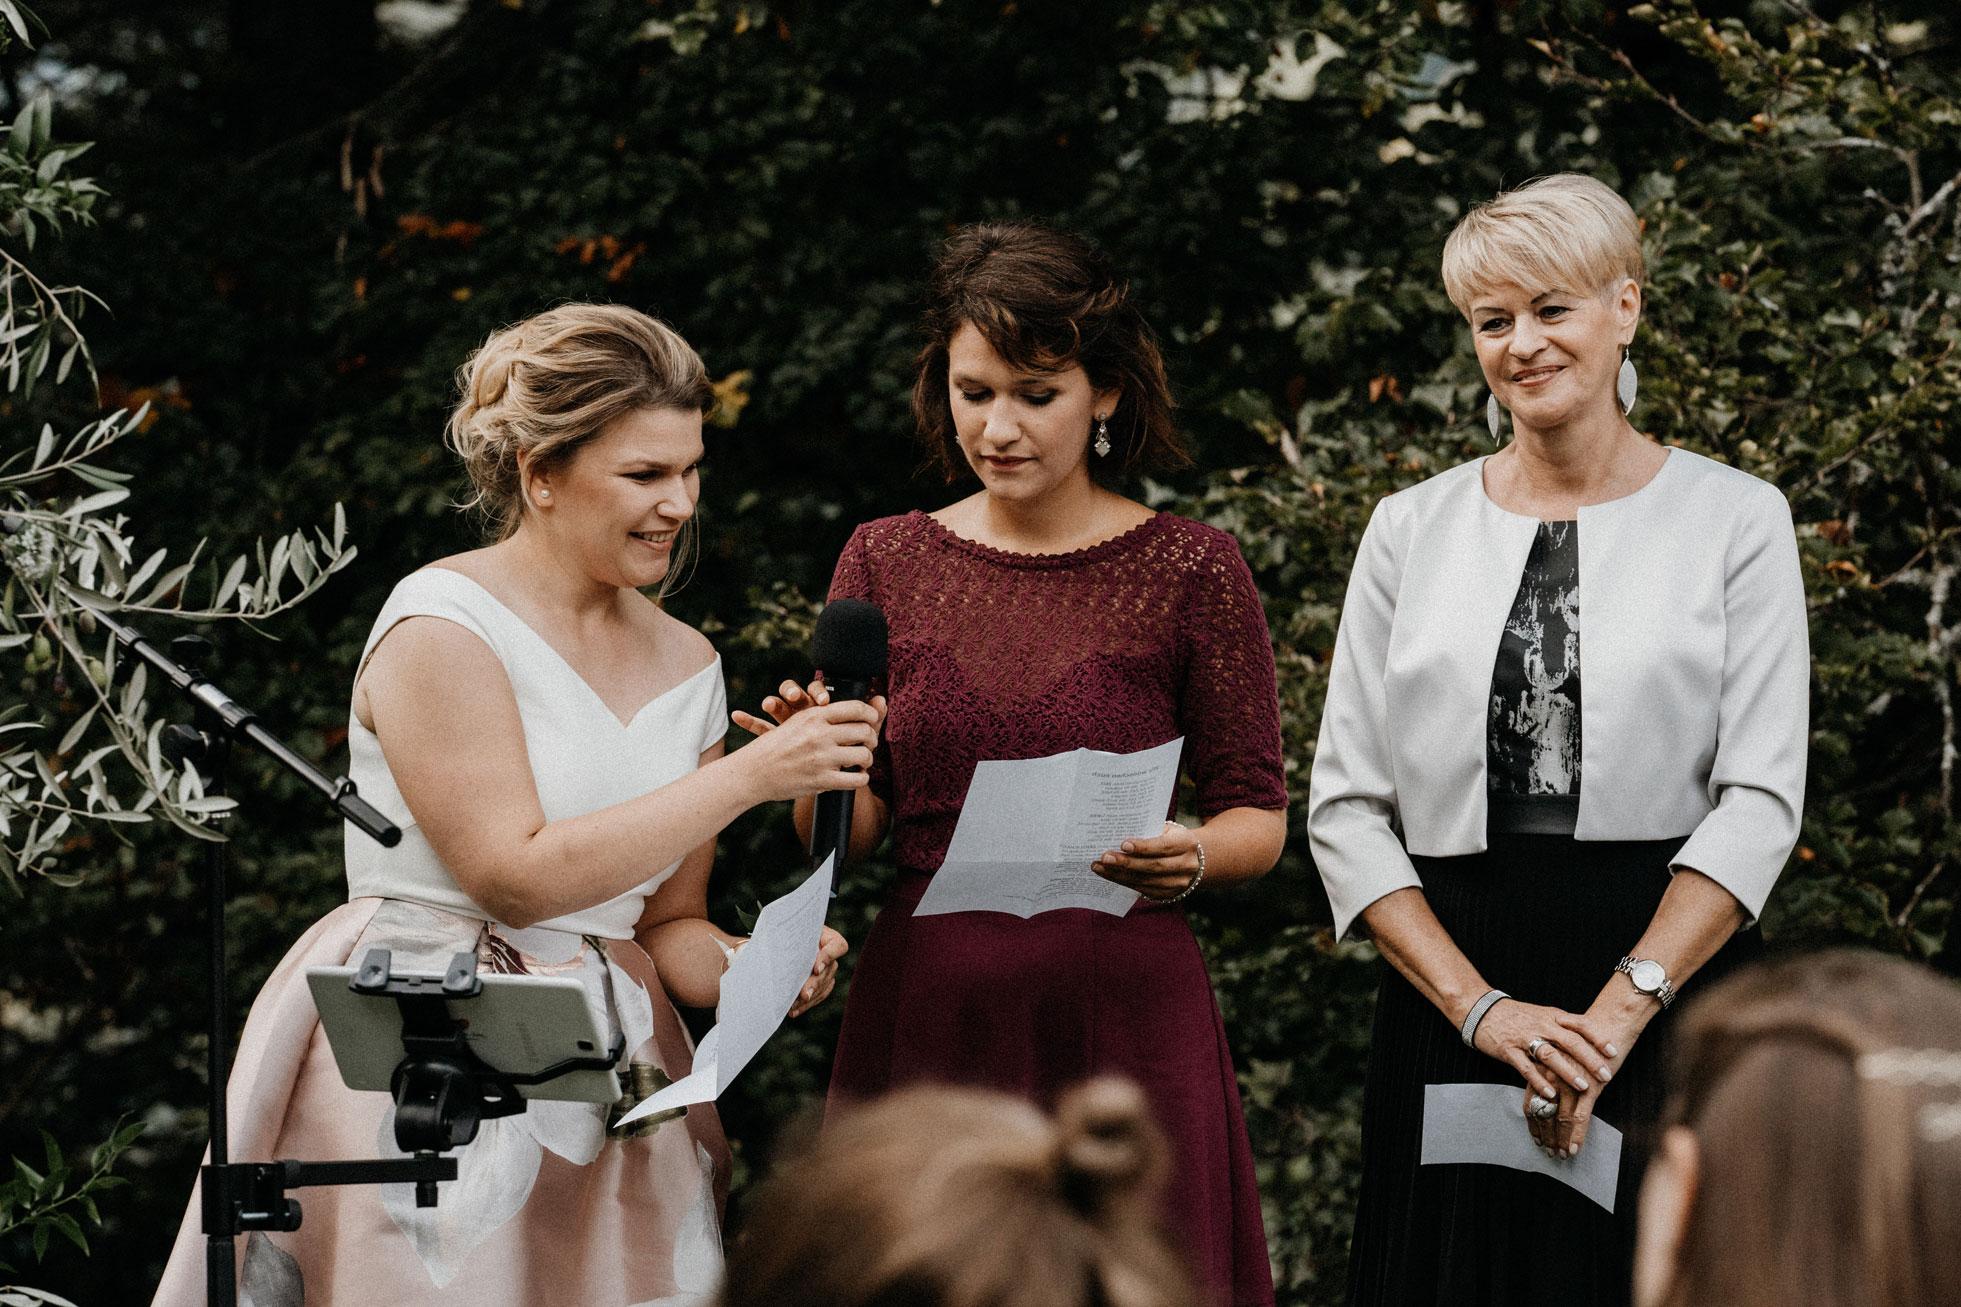 Hochzeit_Claire_Manuel_Villa_Maund_Daniel_Jenny-217.jpg